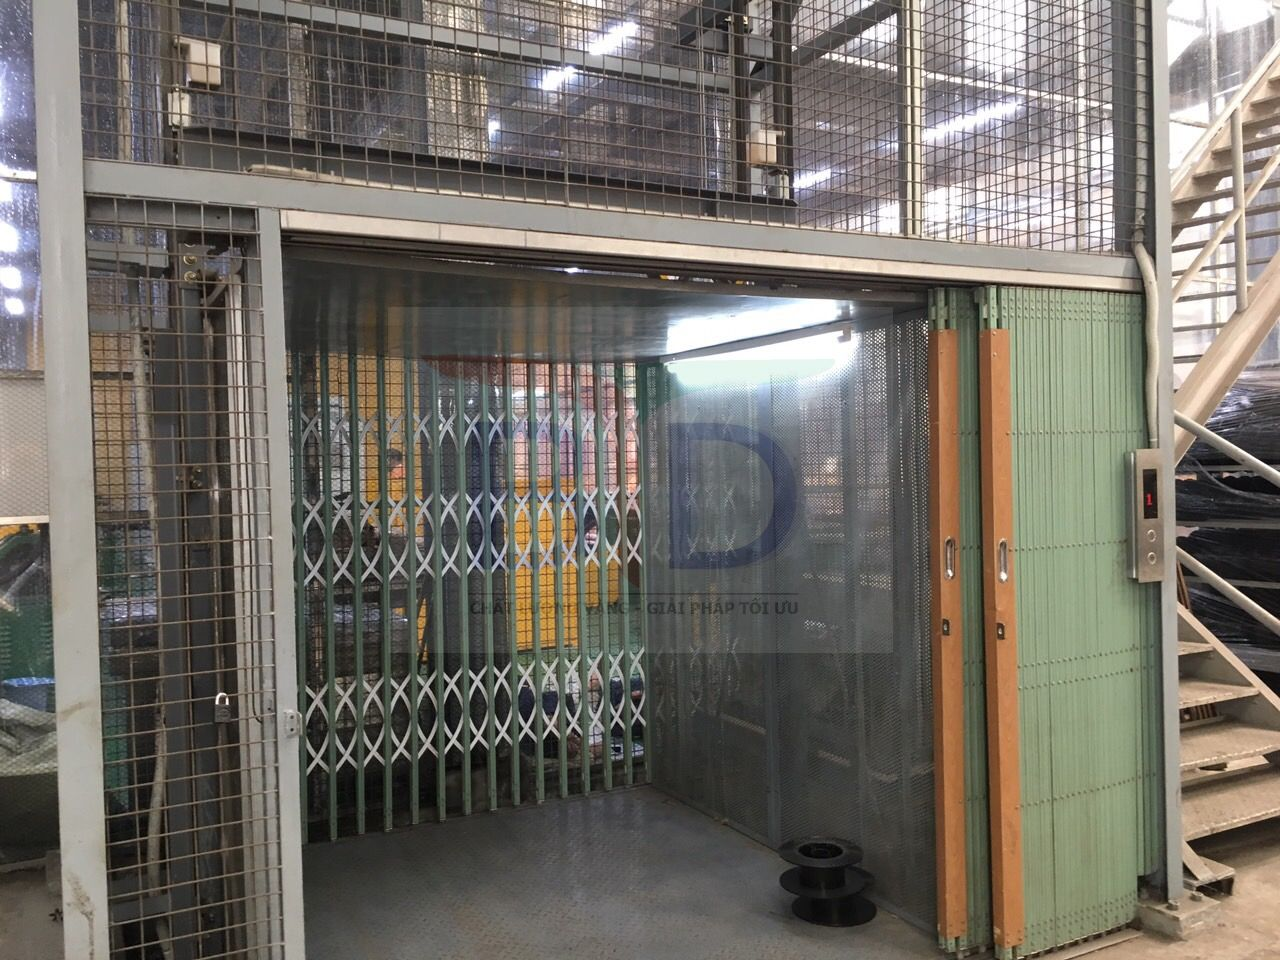 Lắp đặt thang máy tải hàng 1000kg, 02 stops nhà máy cơ khí Kim Tín